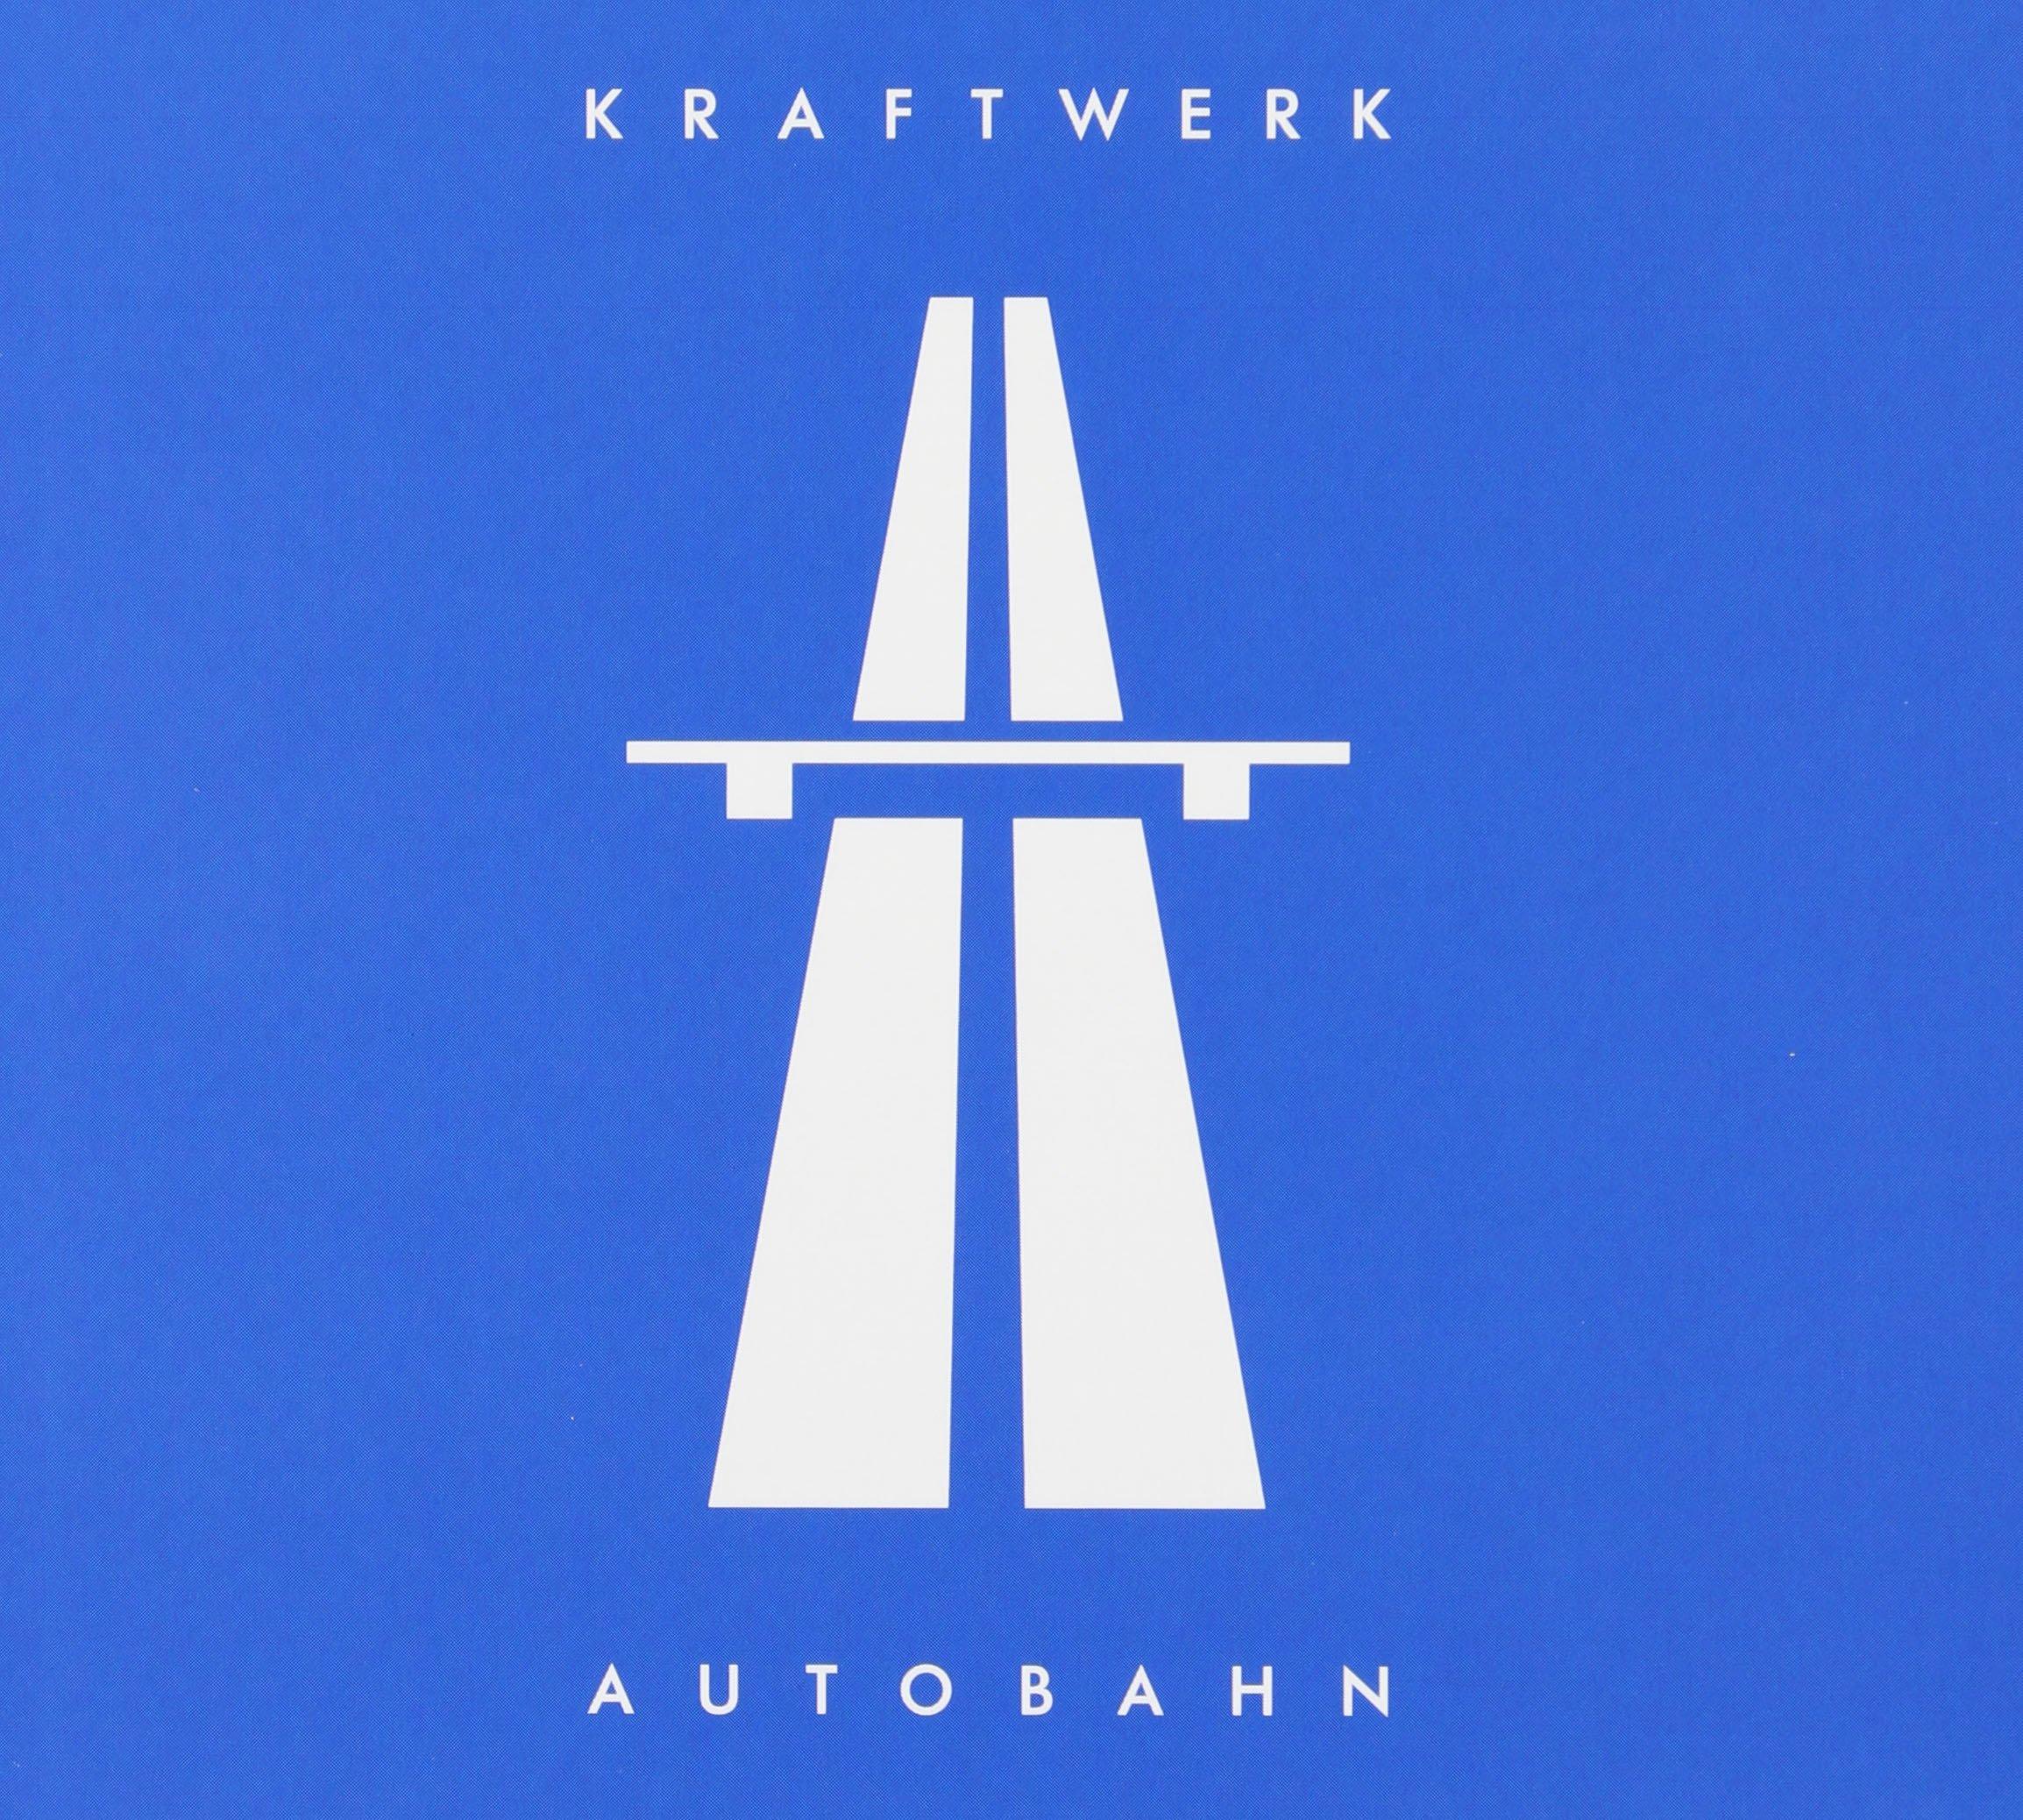 CD : Kraftwerk - Autobahn [Remastered] (Remastered)